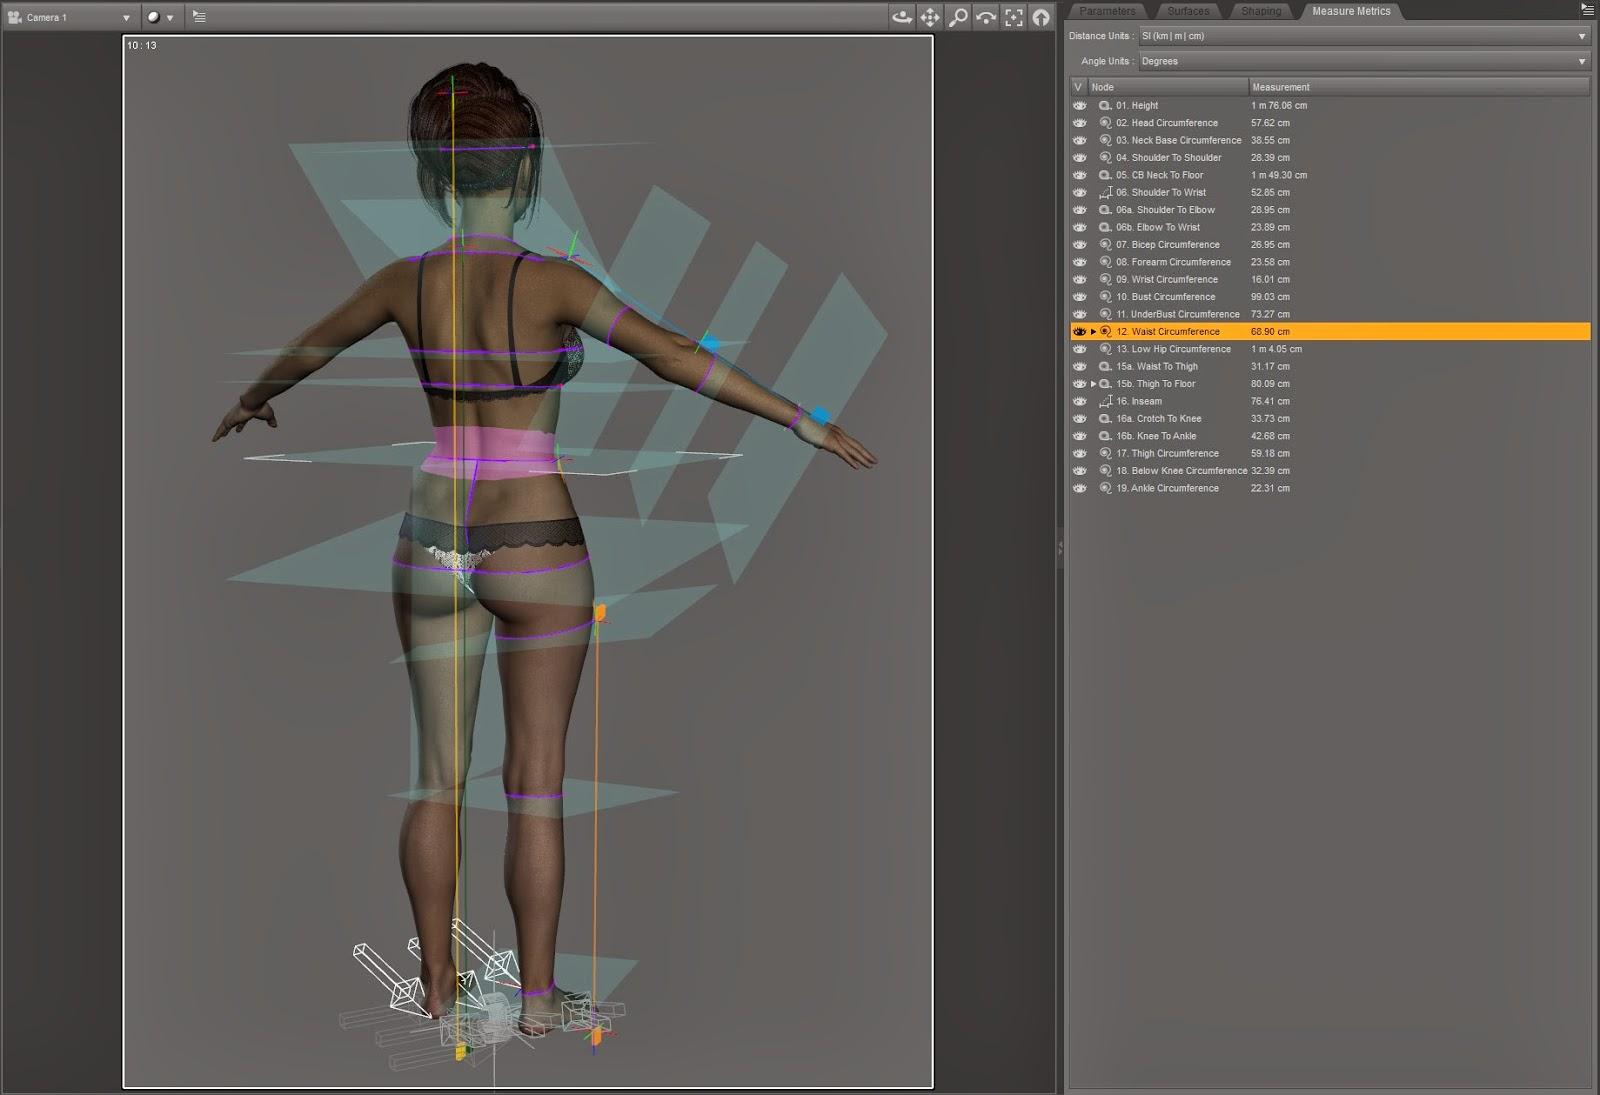 Mesurer Metrics pour DAZ Studio